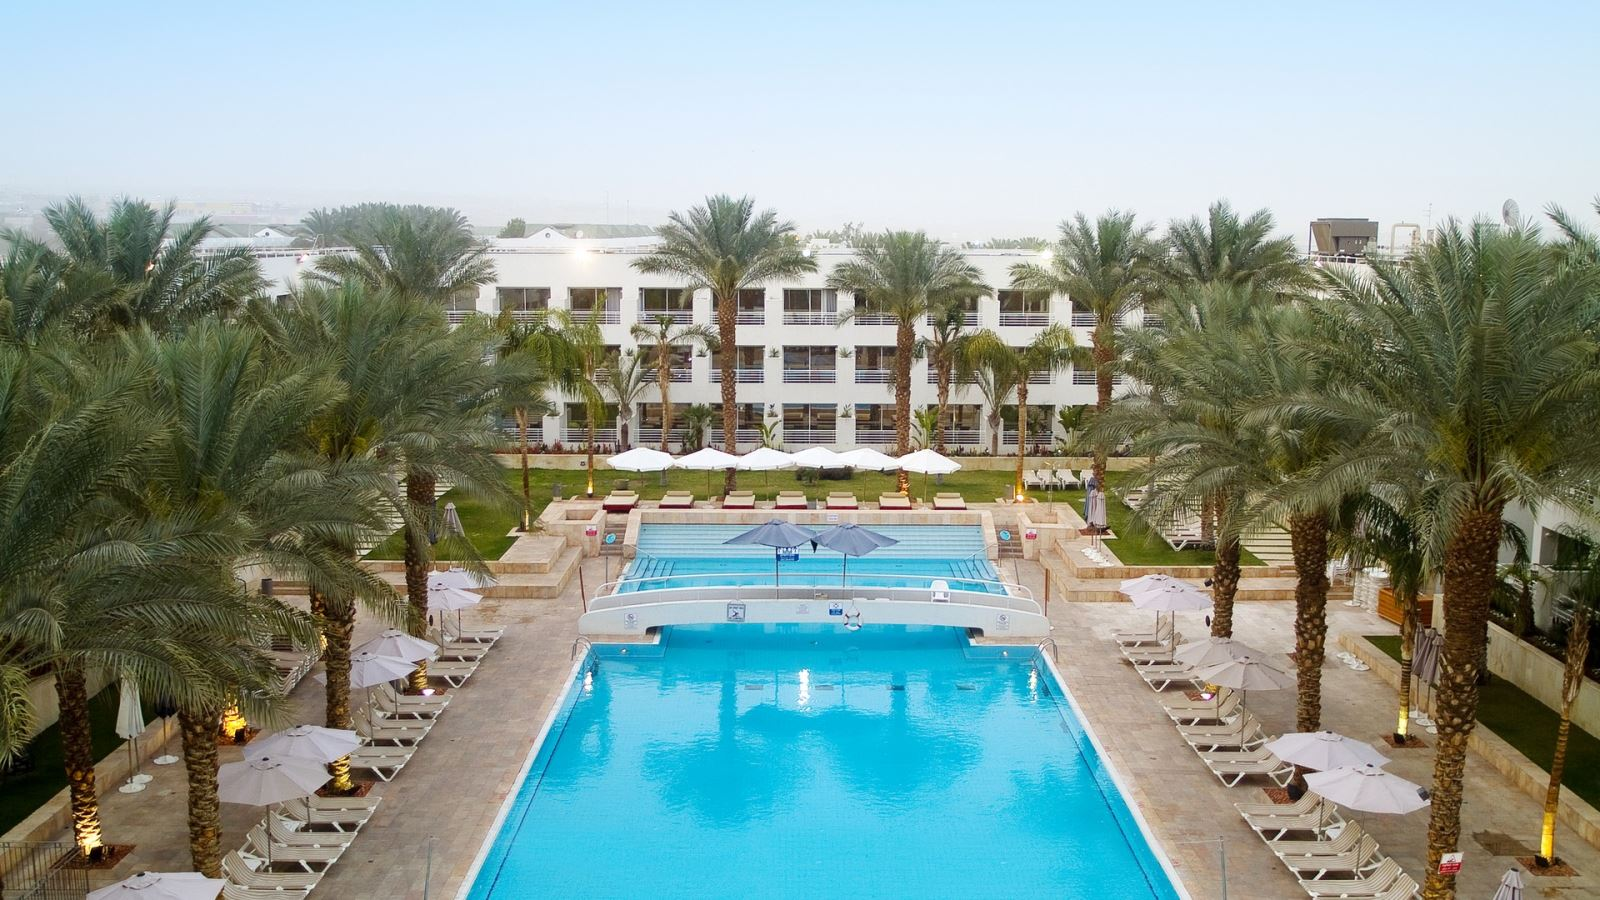 חופשה מפנקת במלון לאונרדו רויאל ריזורט אילת ב-30% הנחה!